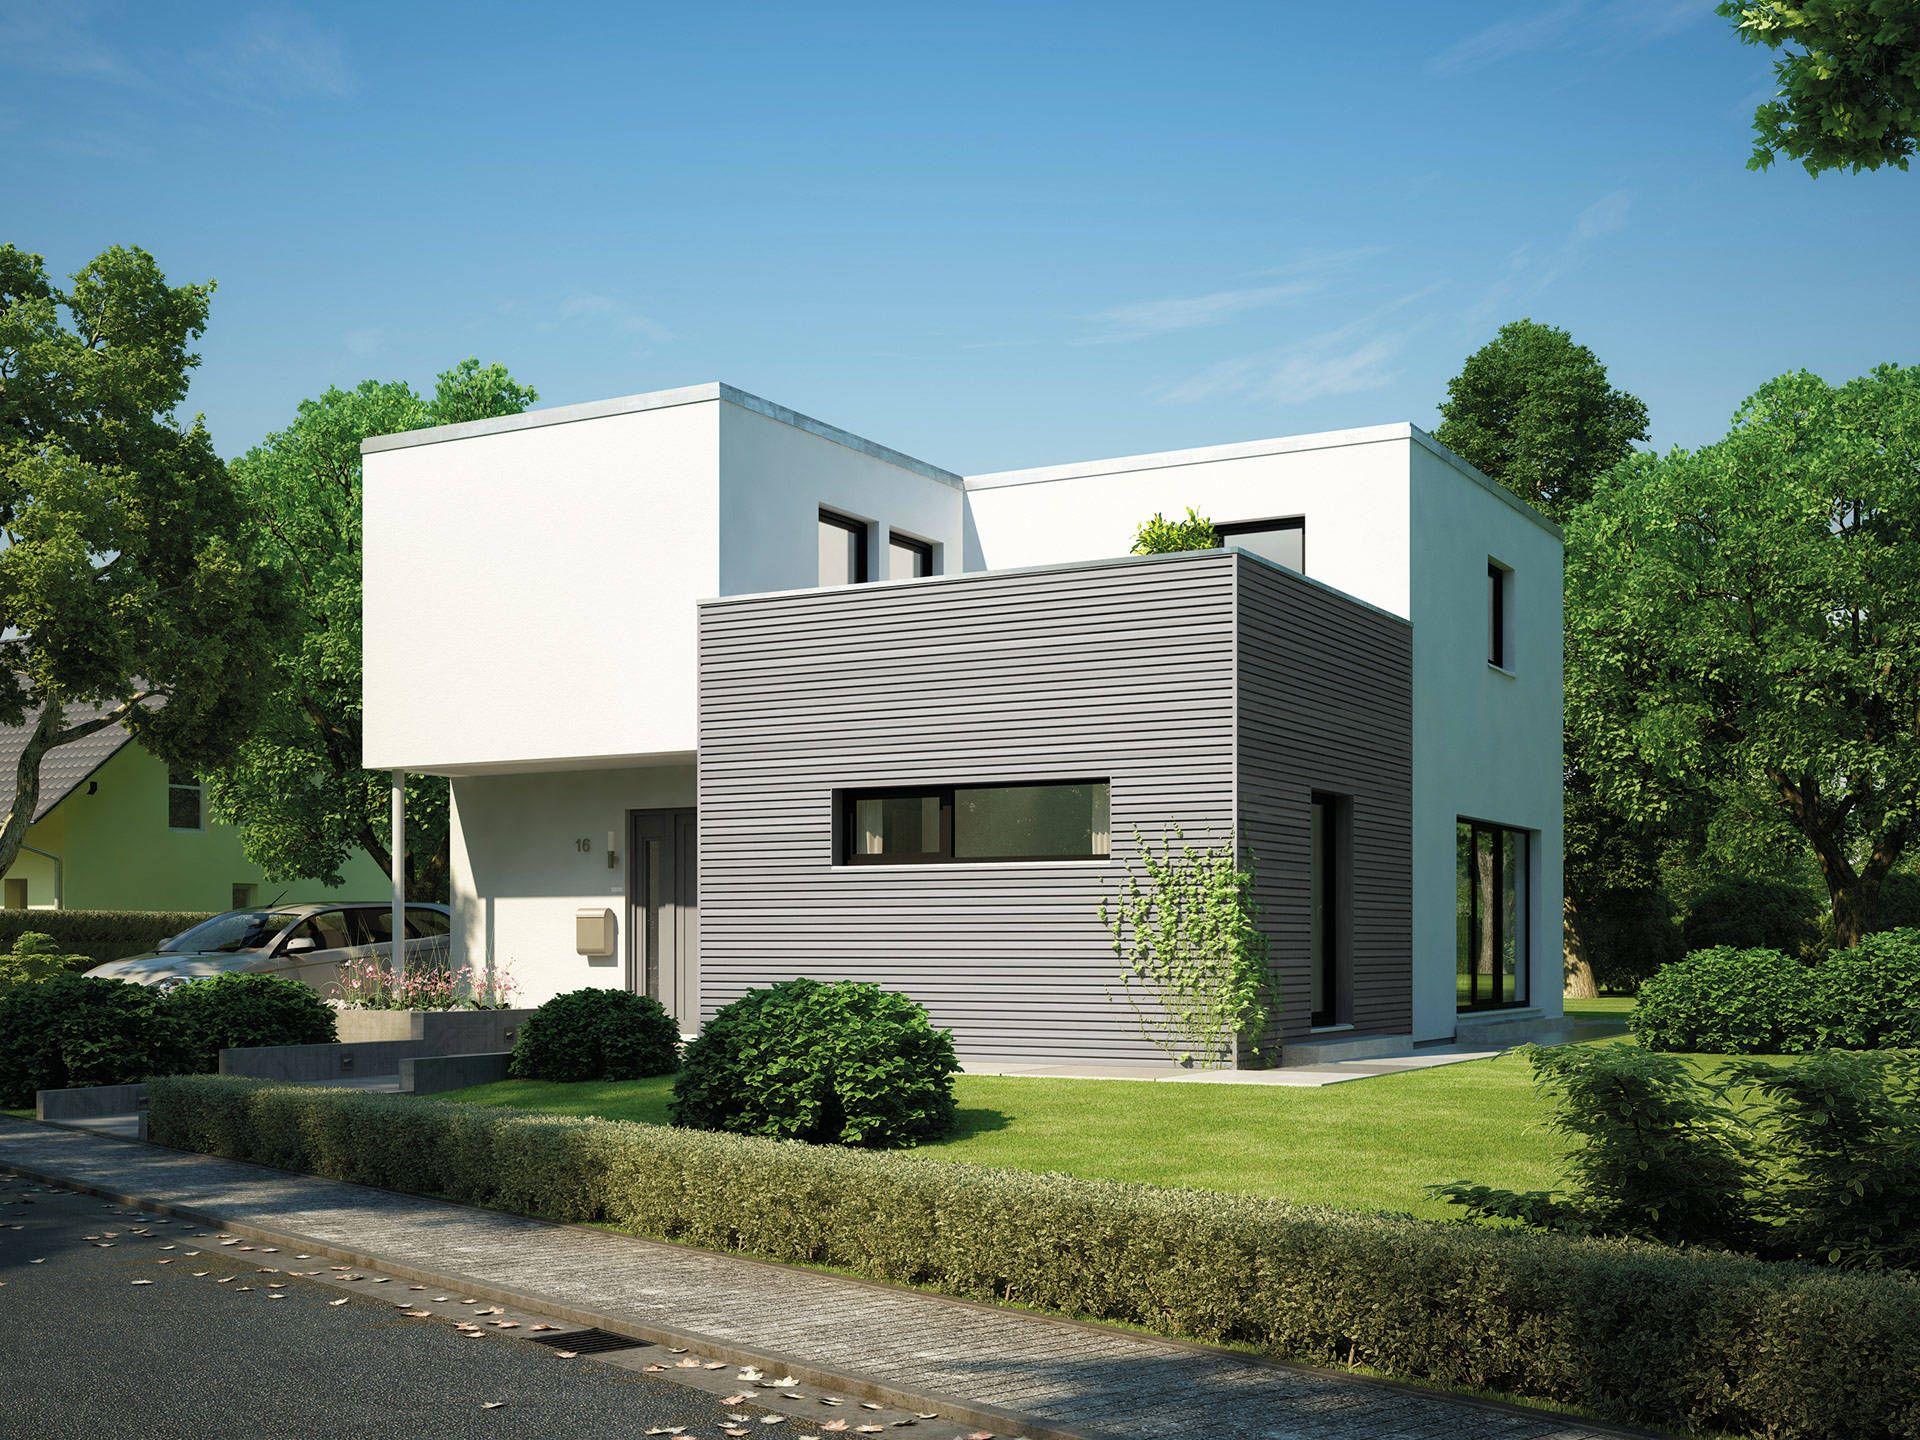 cubus 162 bauhaus cubus von hanse haus fertighaus mit flachdach und zweil ufiger. Black Bedroom Furniture Sets. Home Design Ideas